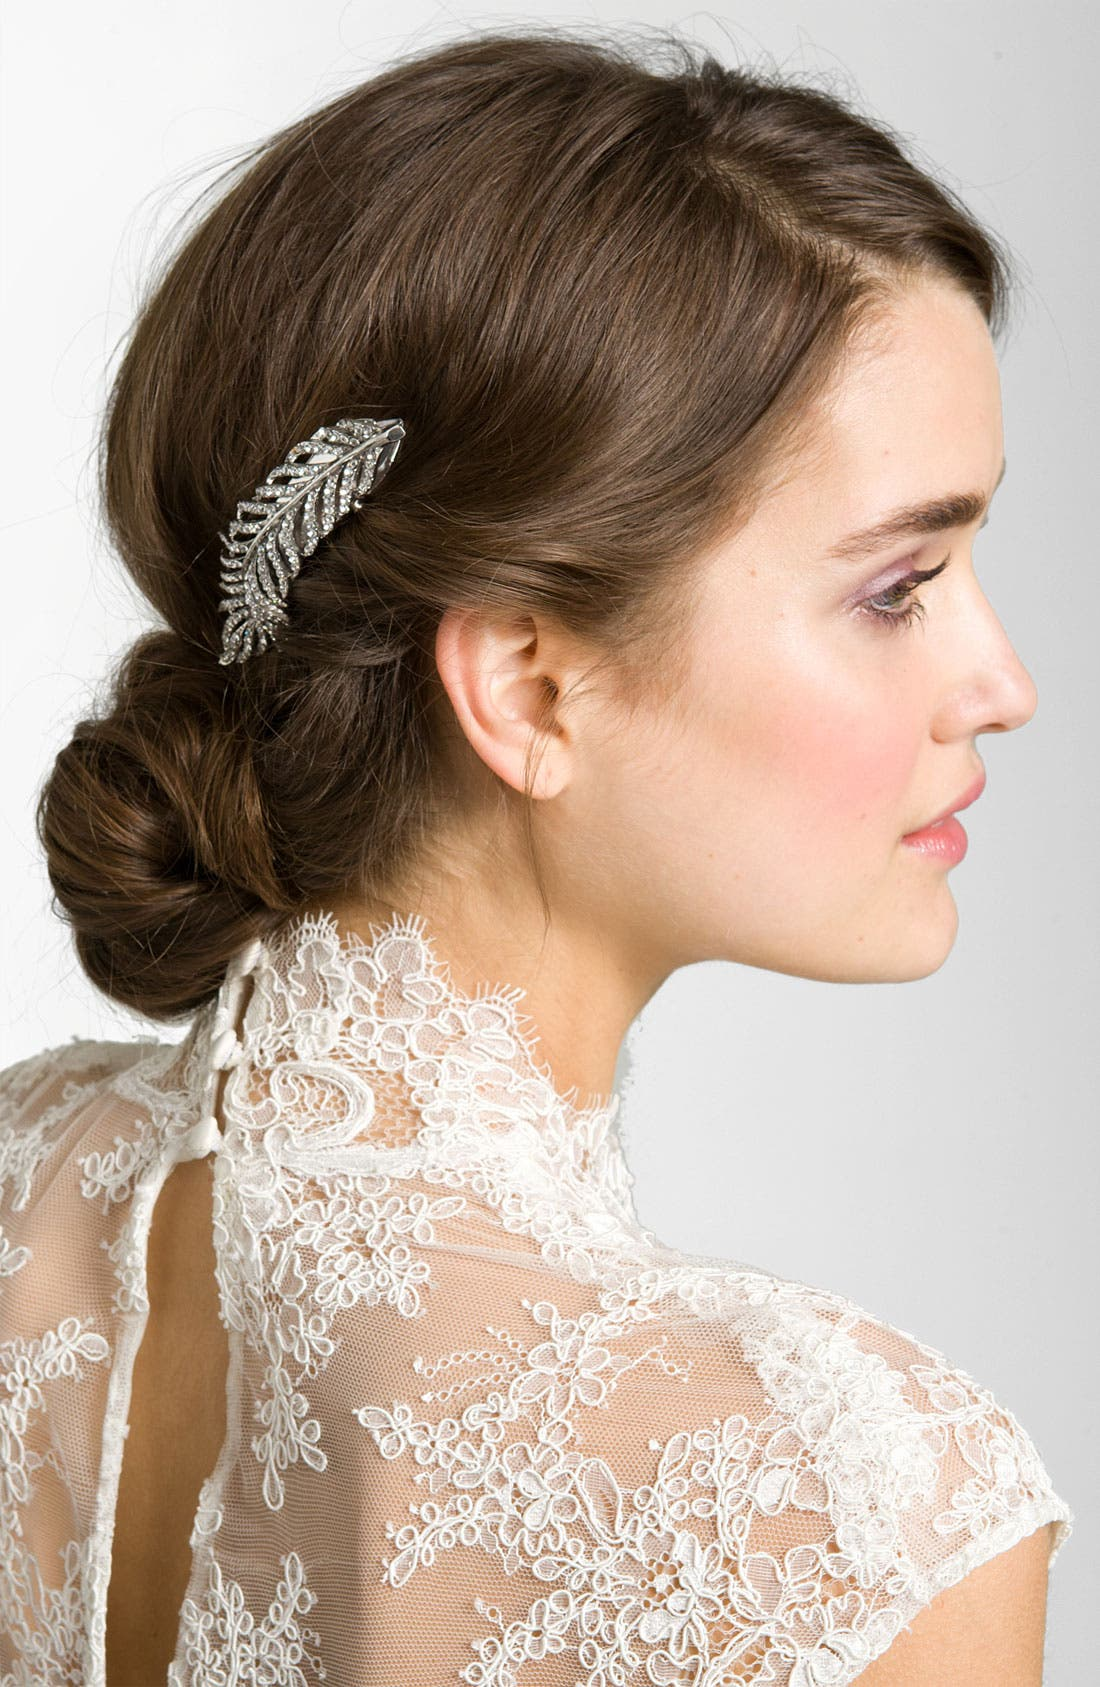 Main Image - Tasha 'Feather' Crystal Hair Clip